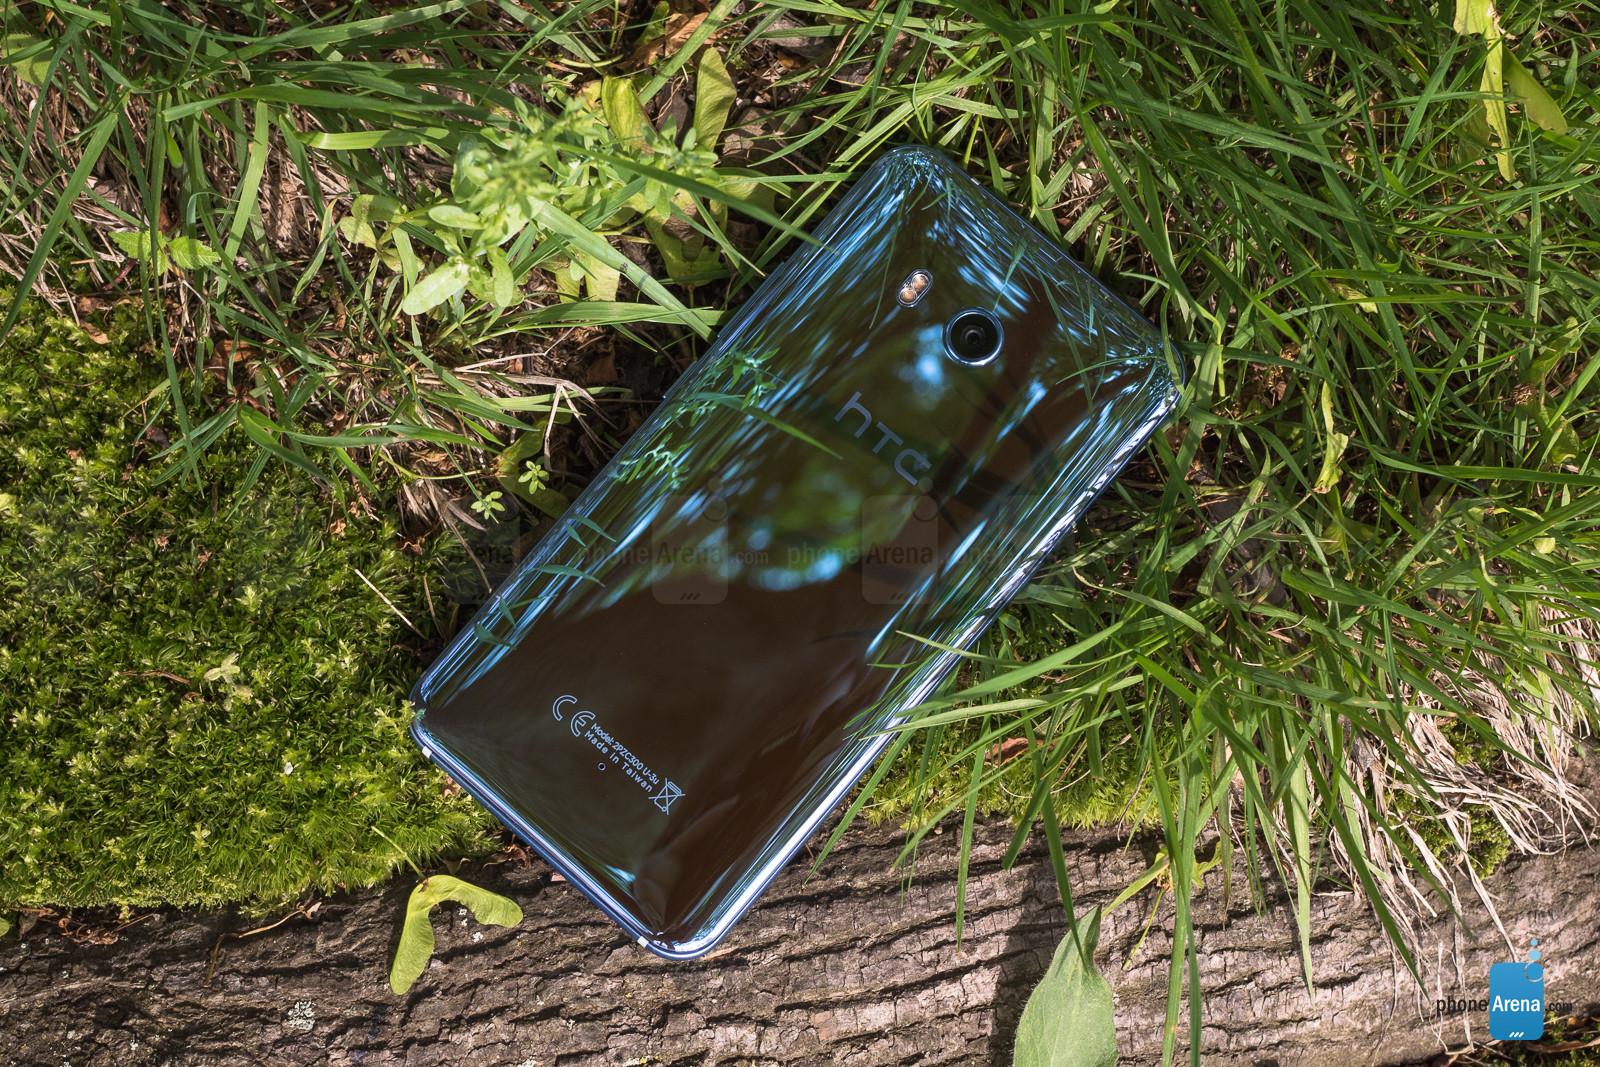 بروزرسانی جدید HTC U11 با پشتیبانی از بلوتوث 5 منتشر شد